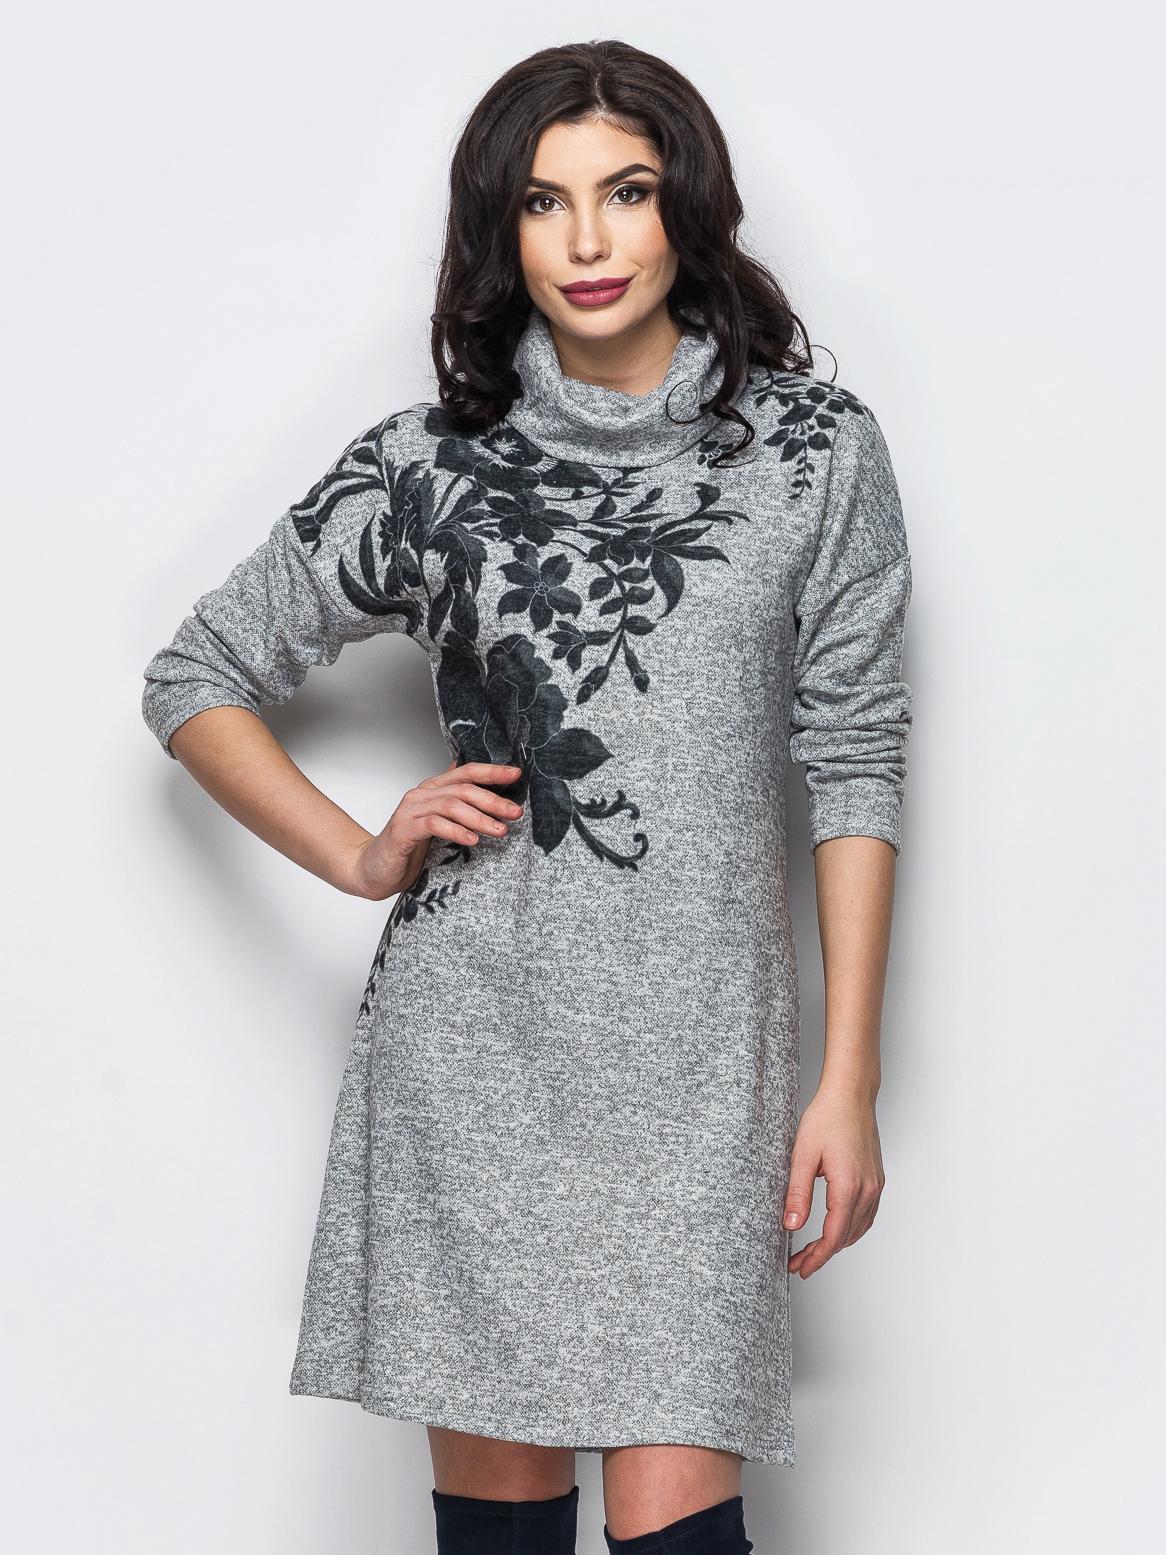 Трикотажное платье-гольф с цветочным принтом серое - 13158, фото 1 – интернет-магазин Dressa